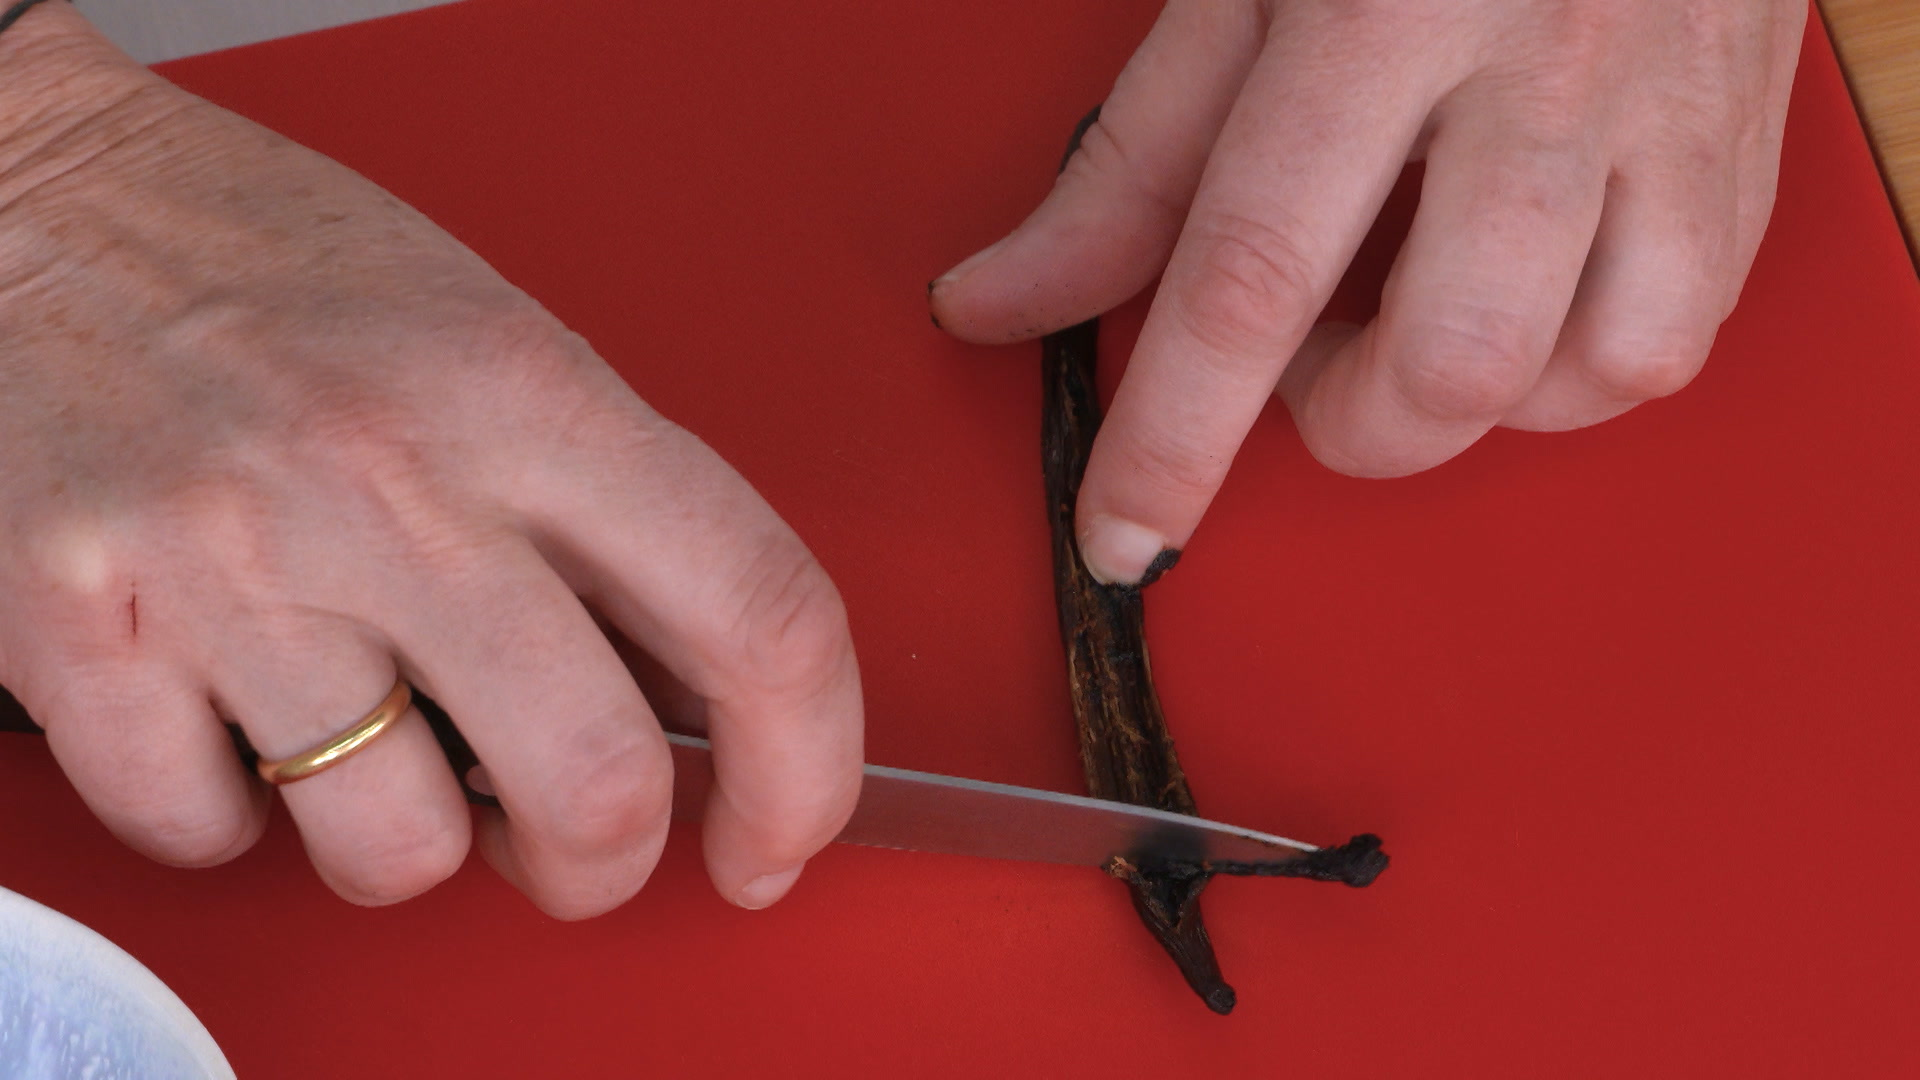 Limpieza de la vainilla